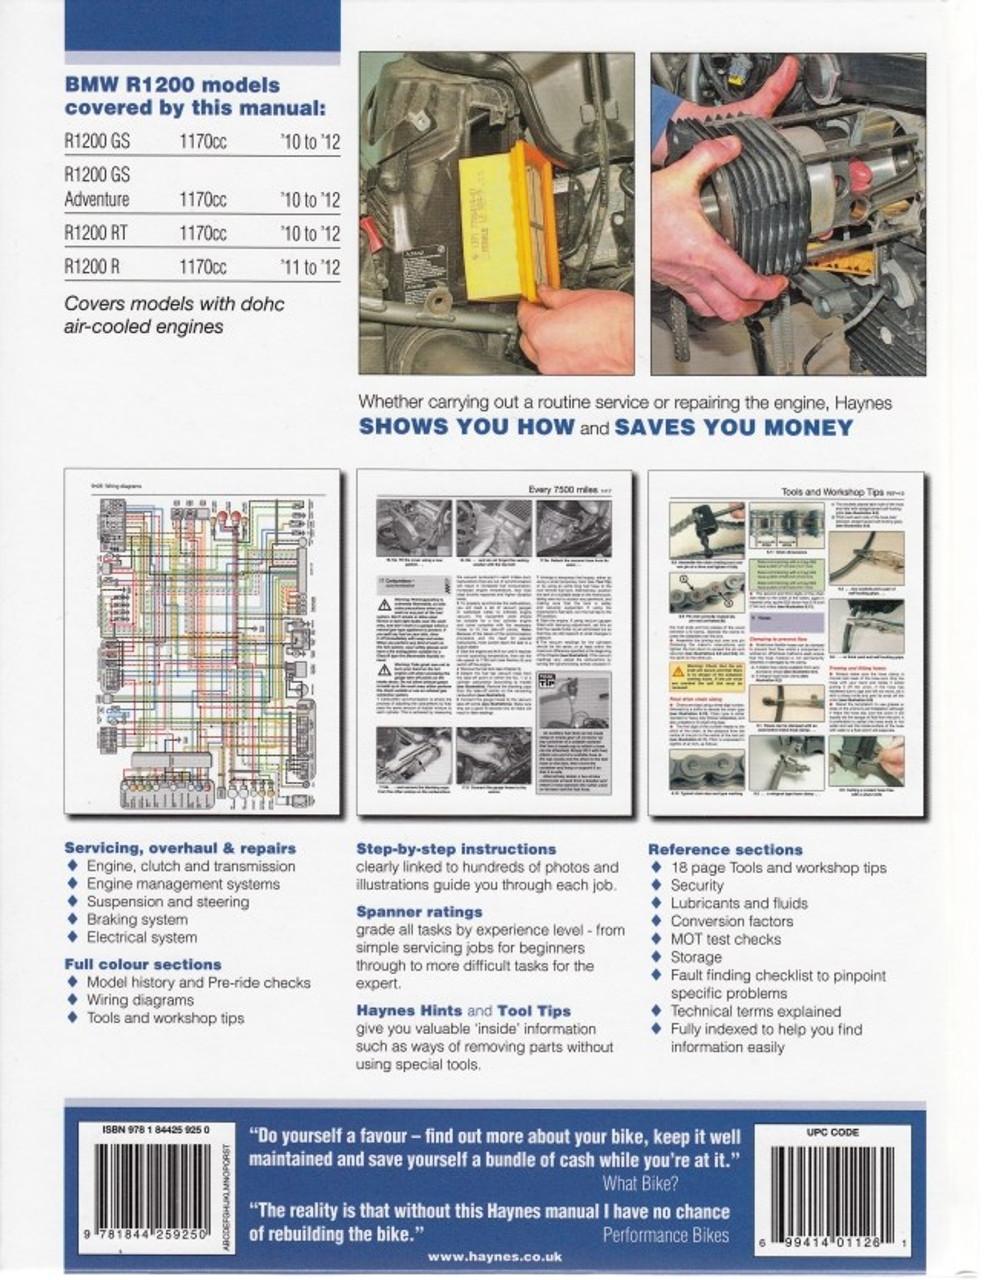 bmw r1200 dohc twins 2010 2012 workshop manual 1997 bmw wiring diagram bmw r1200 dohc twins 2010 2012 repair manual